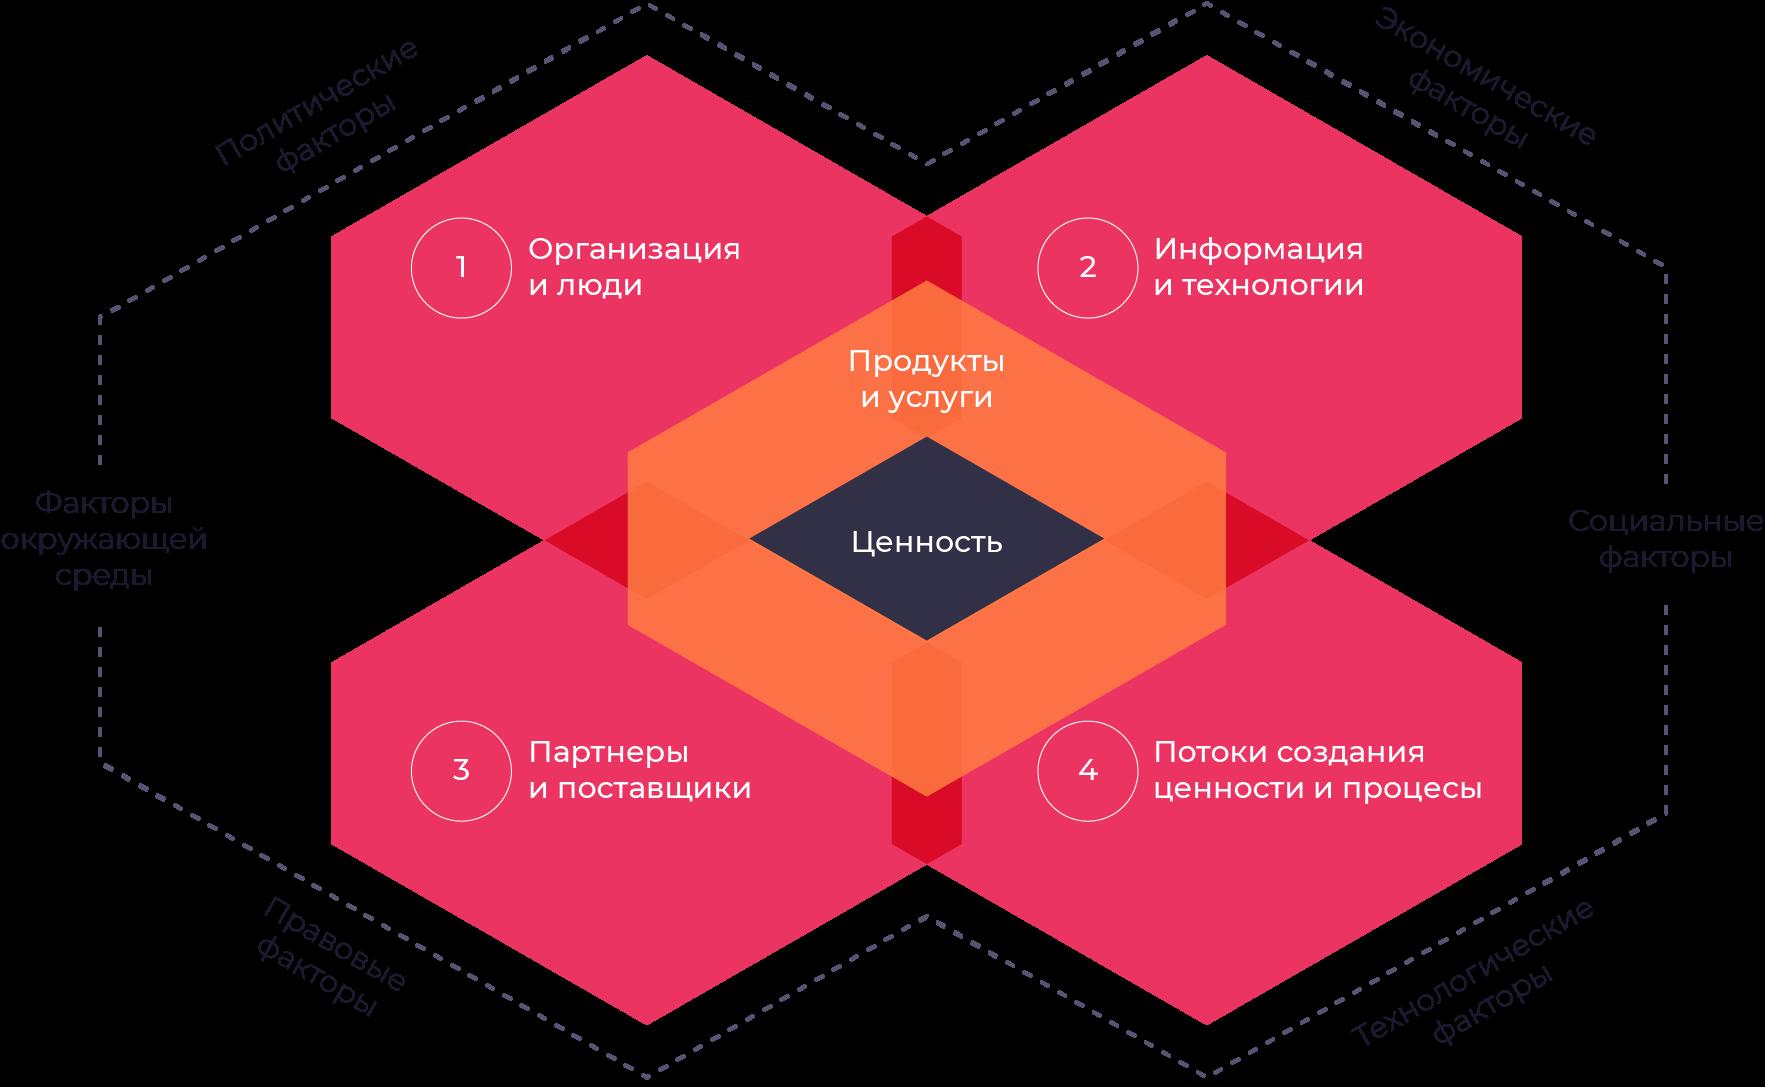 Четыре измерения управления услугами в ITIL 4